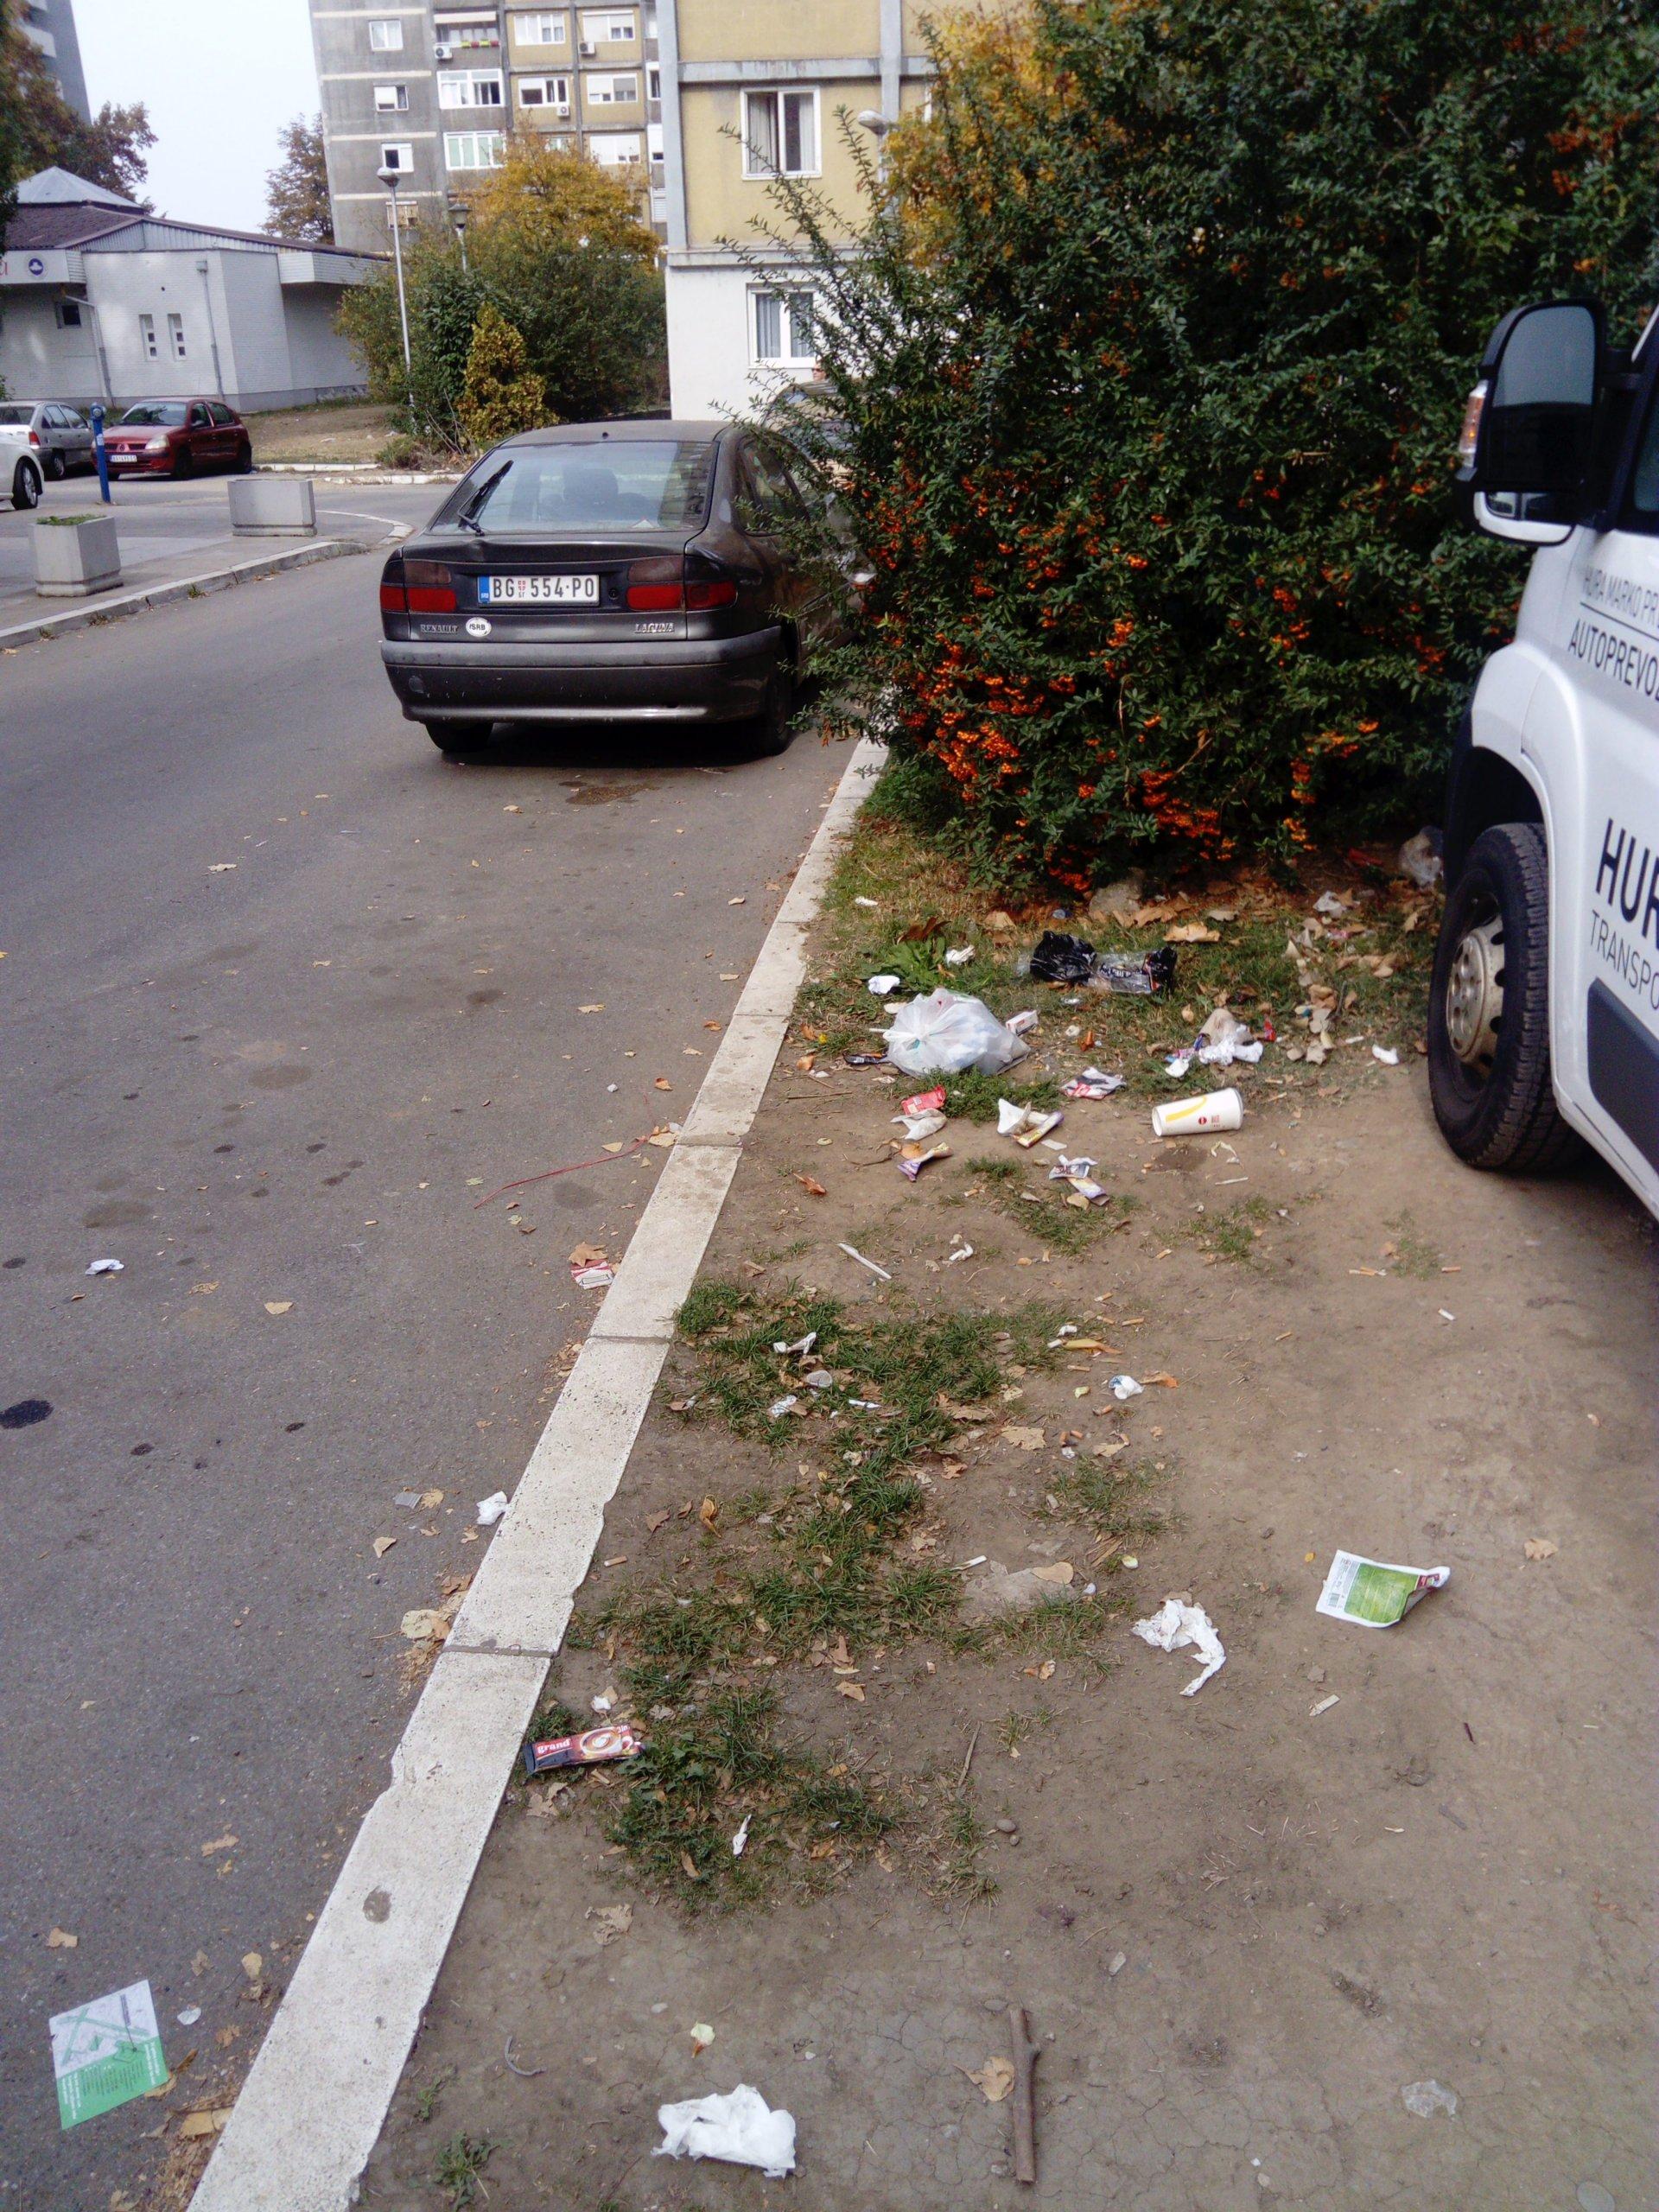 Maksi diskont ulica iza Bulevara Mihajla Pupina (Paviljoni)(2)